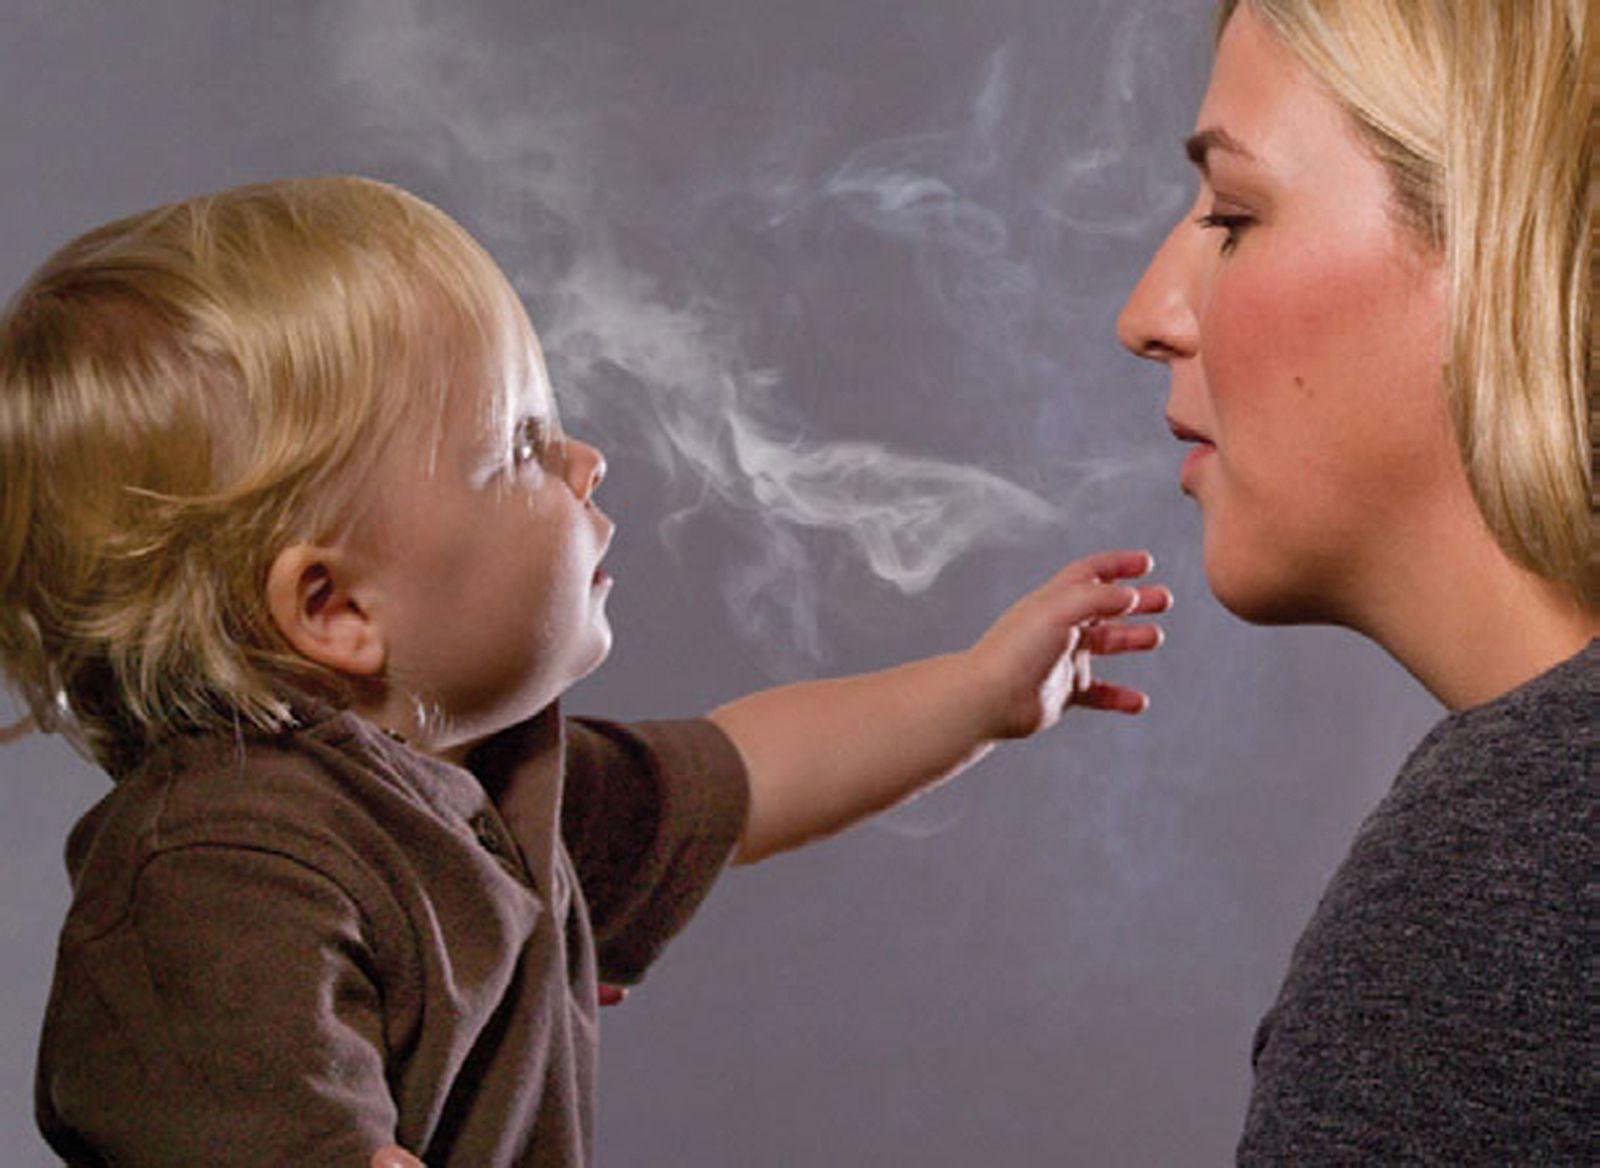 SYMBOLBILD Passivrauchen / Zigarette